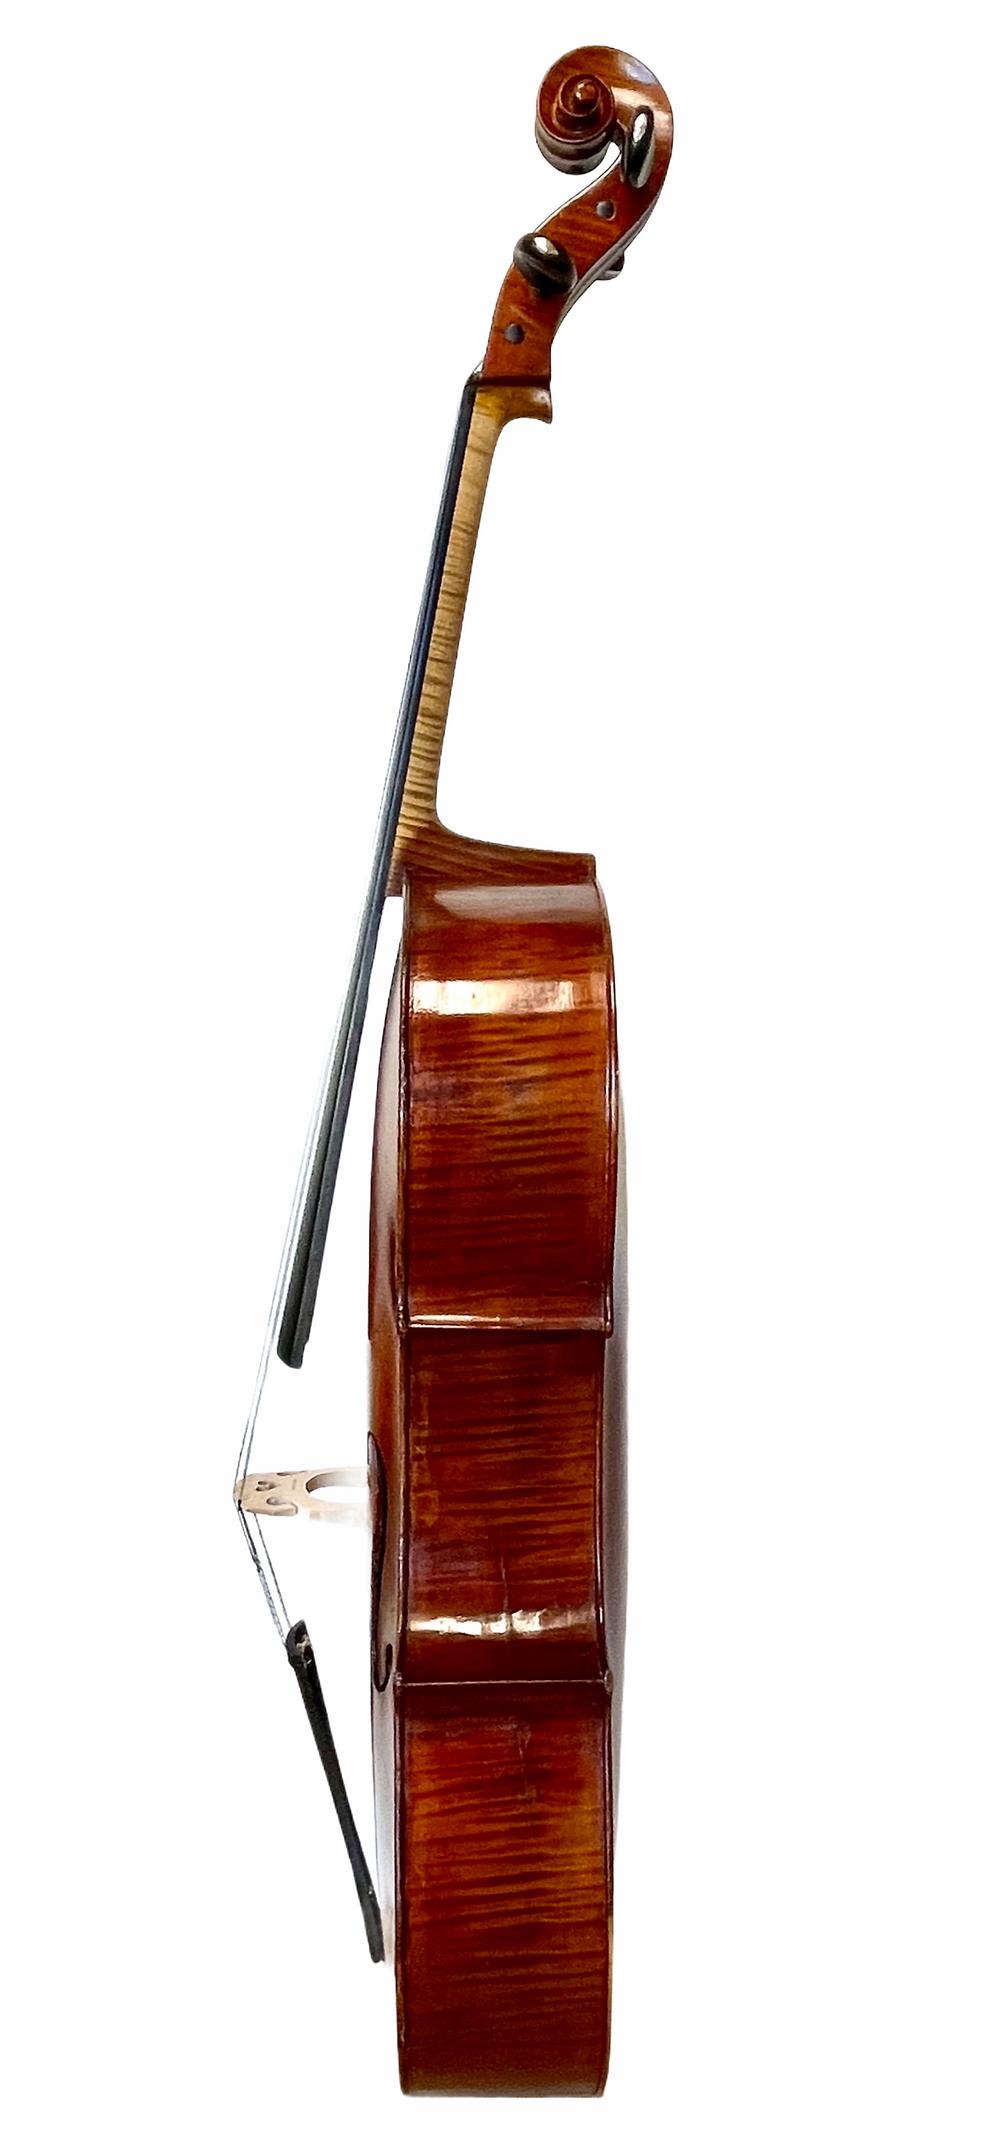 Violoncello von 1800. Cello kaufen, Cello Mieten.